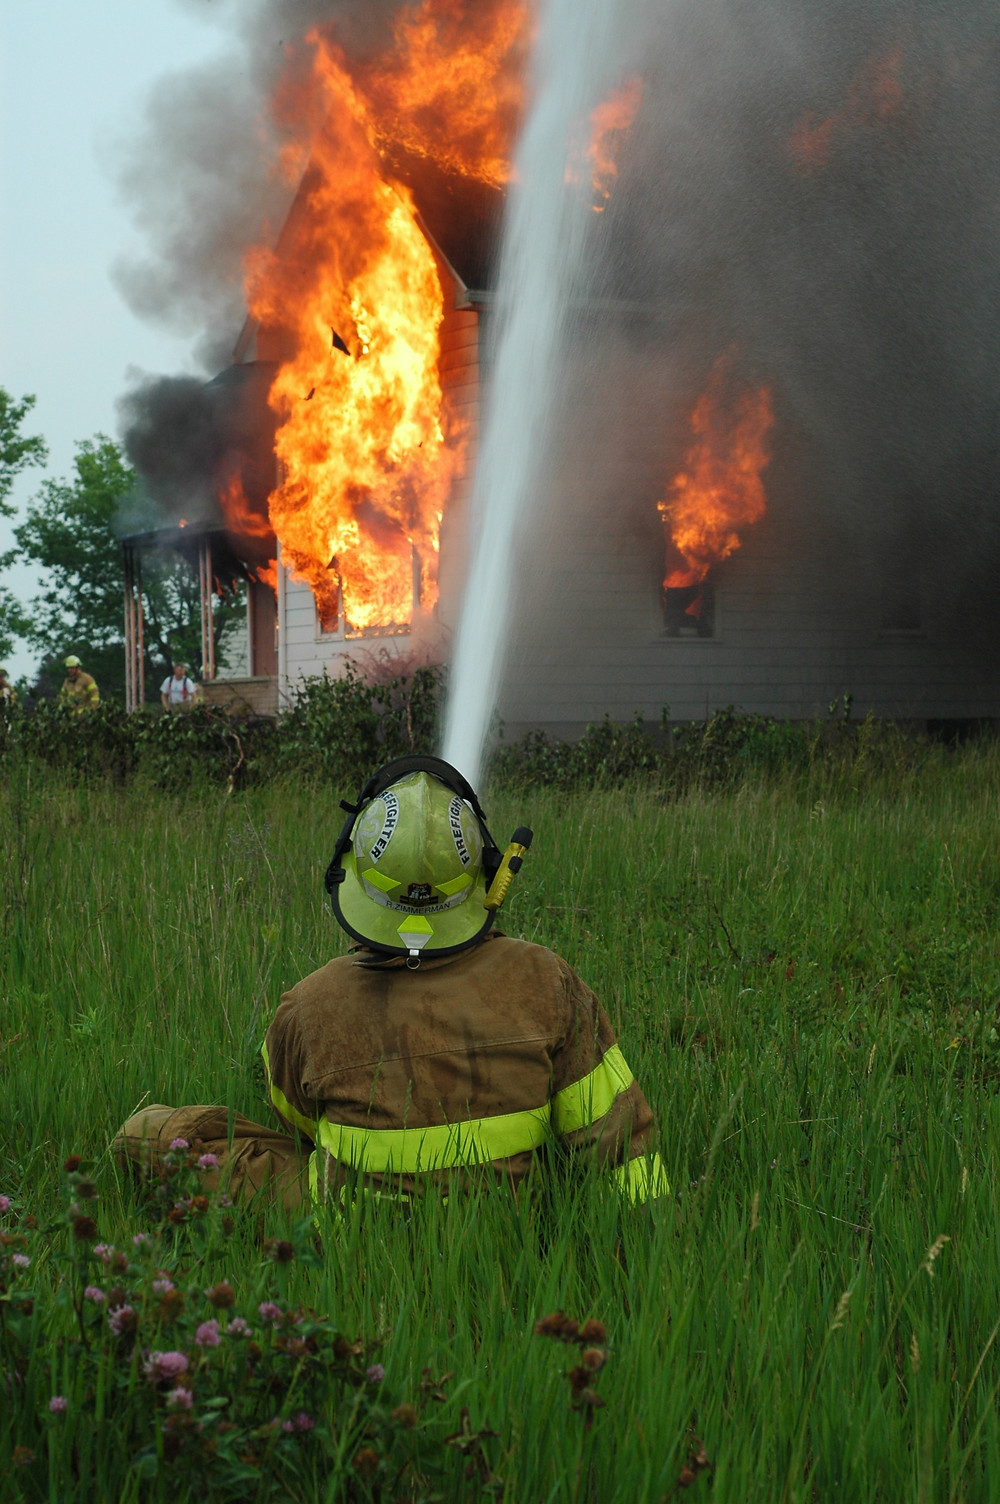 Fireman putting out financial fire